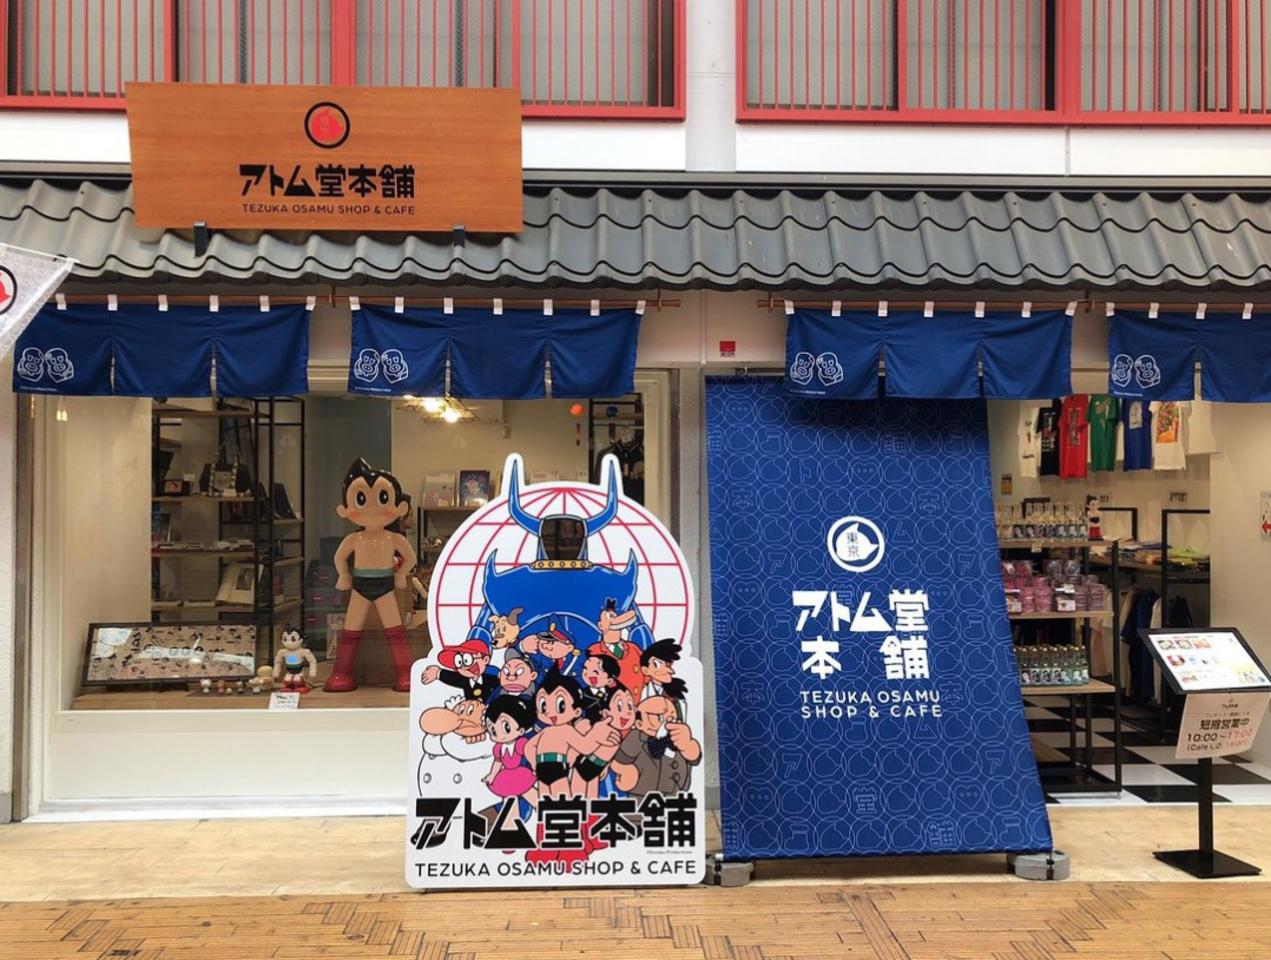 手塚治虫SHOP&CAFE...東京都台東区の浅草西参商店街に『アトム堂本舗』オープン